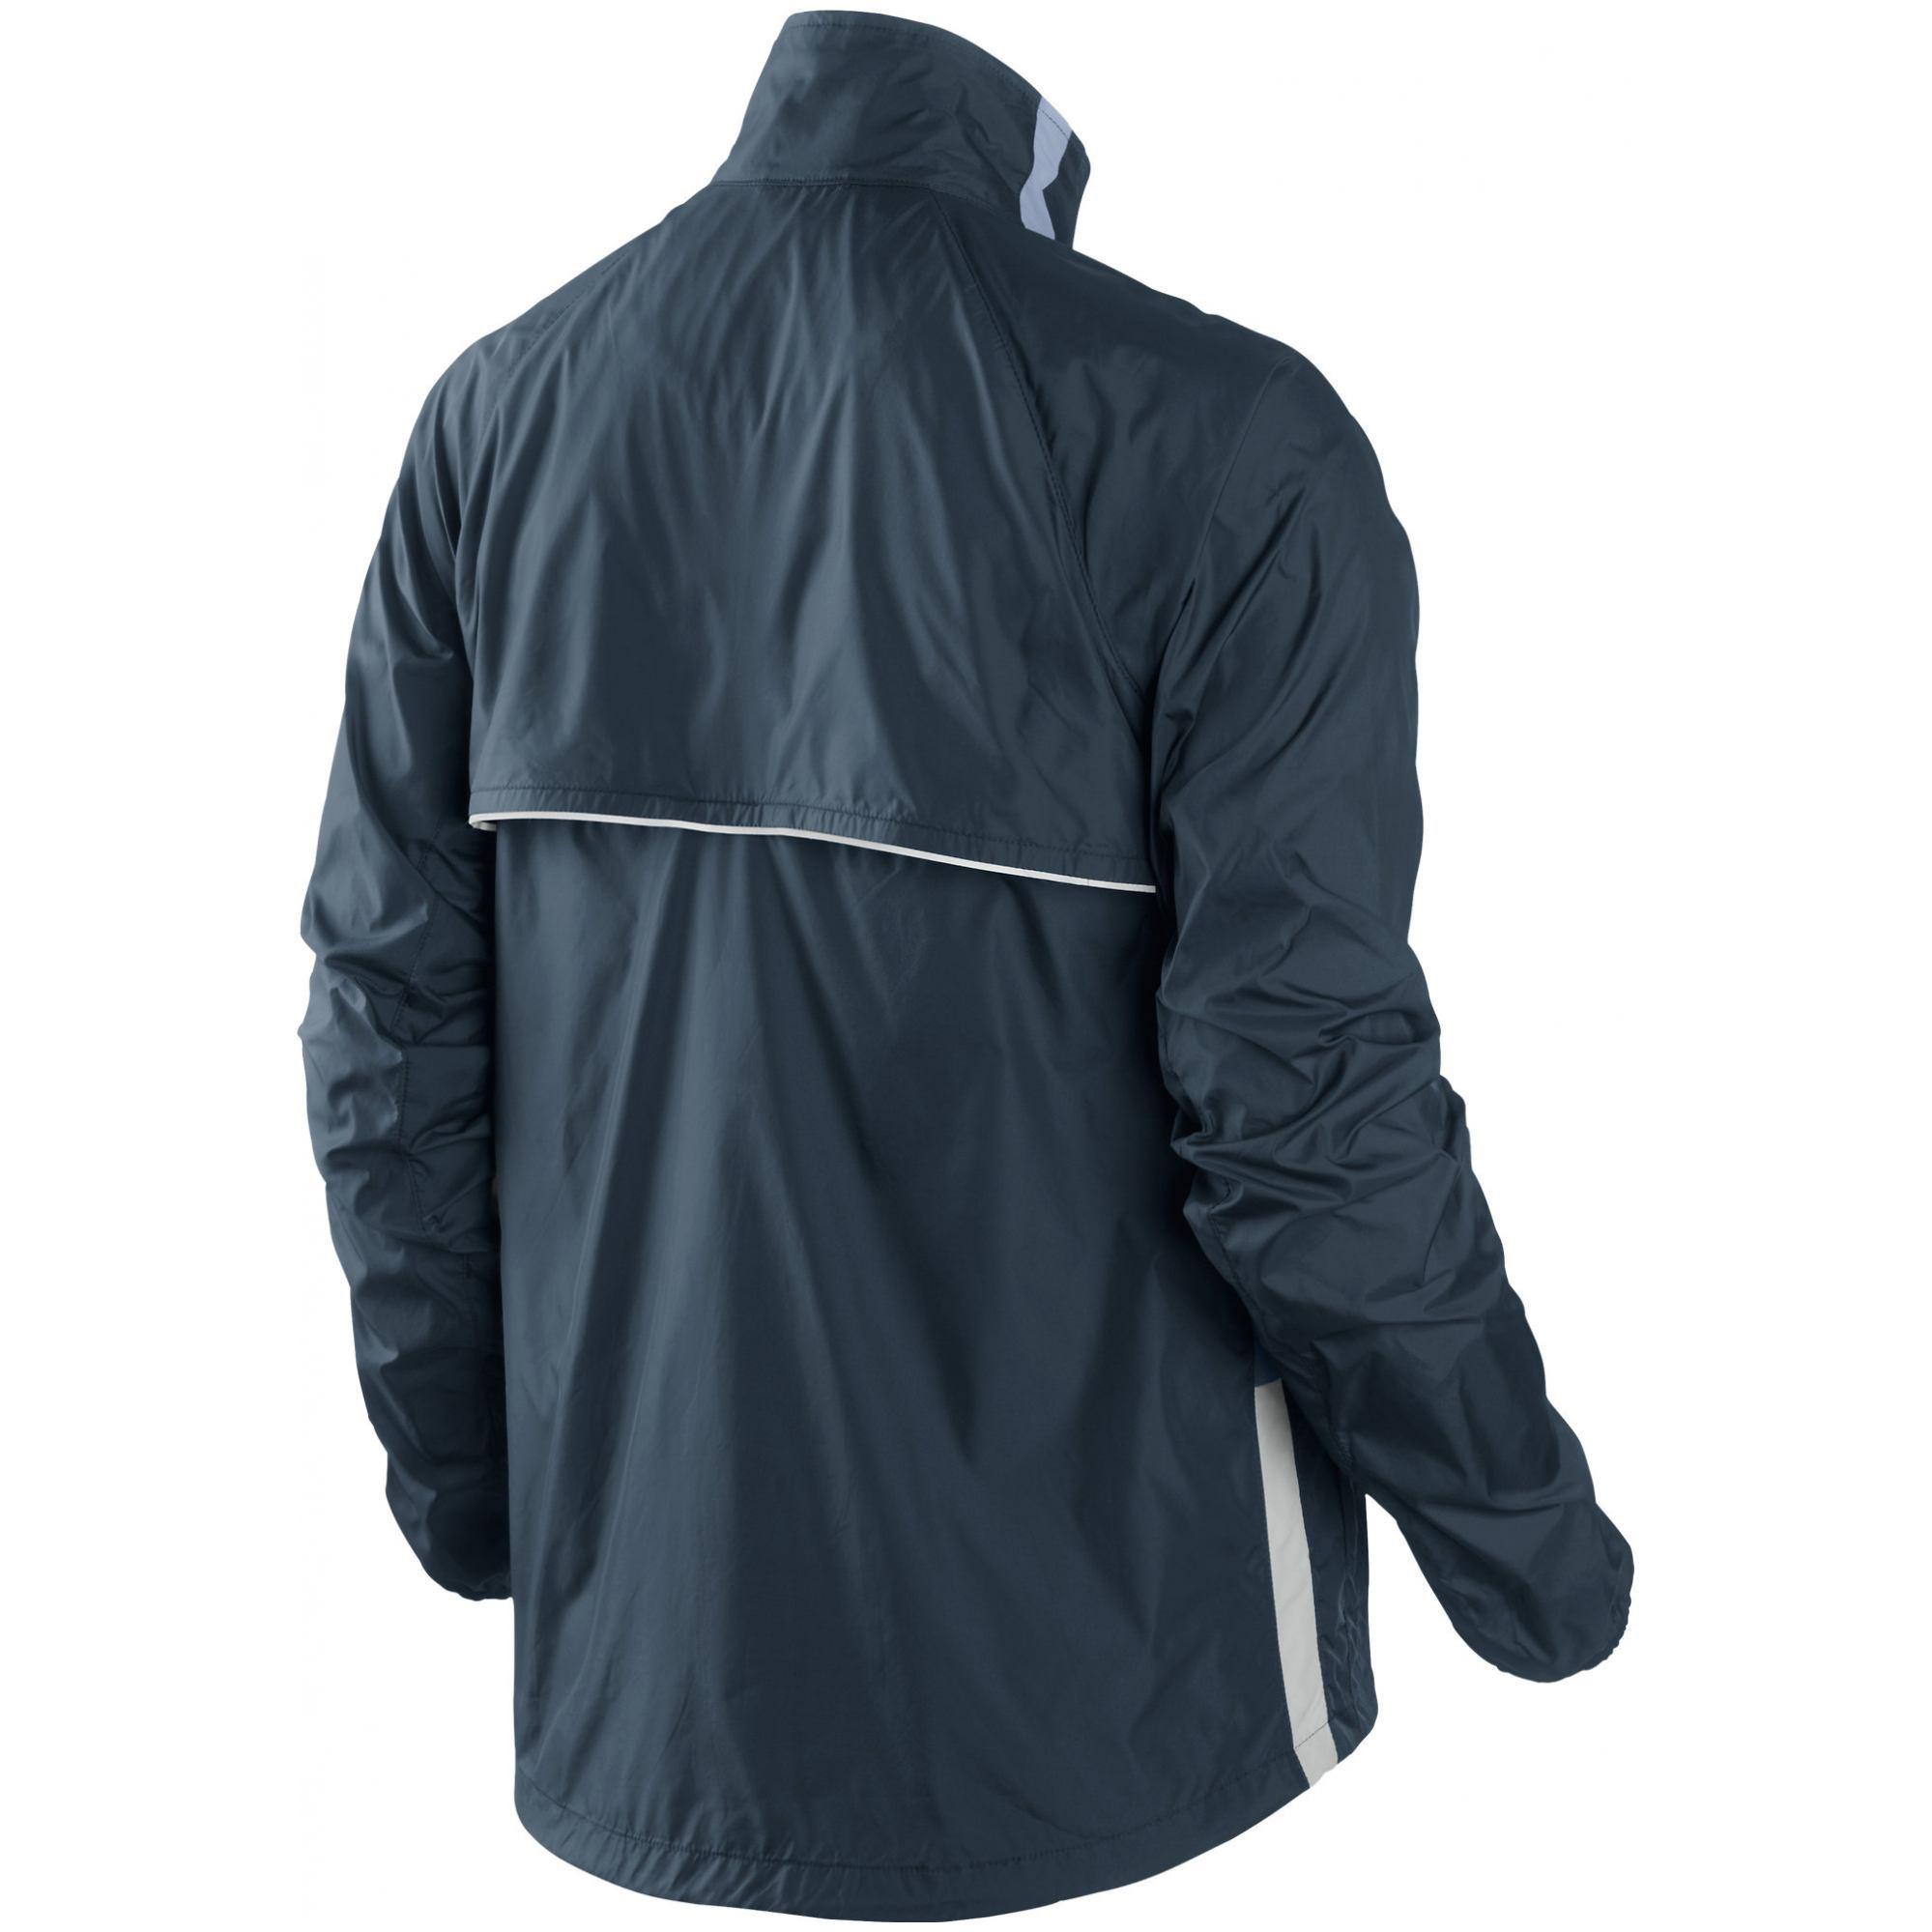 Ветровка Nike Windfly Jacket (W) тёмно-серая - 2